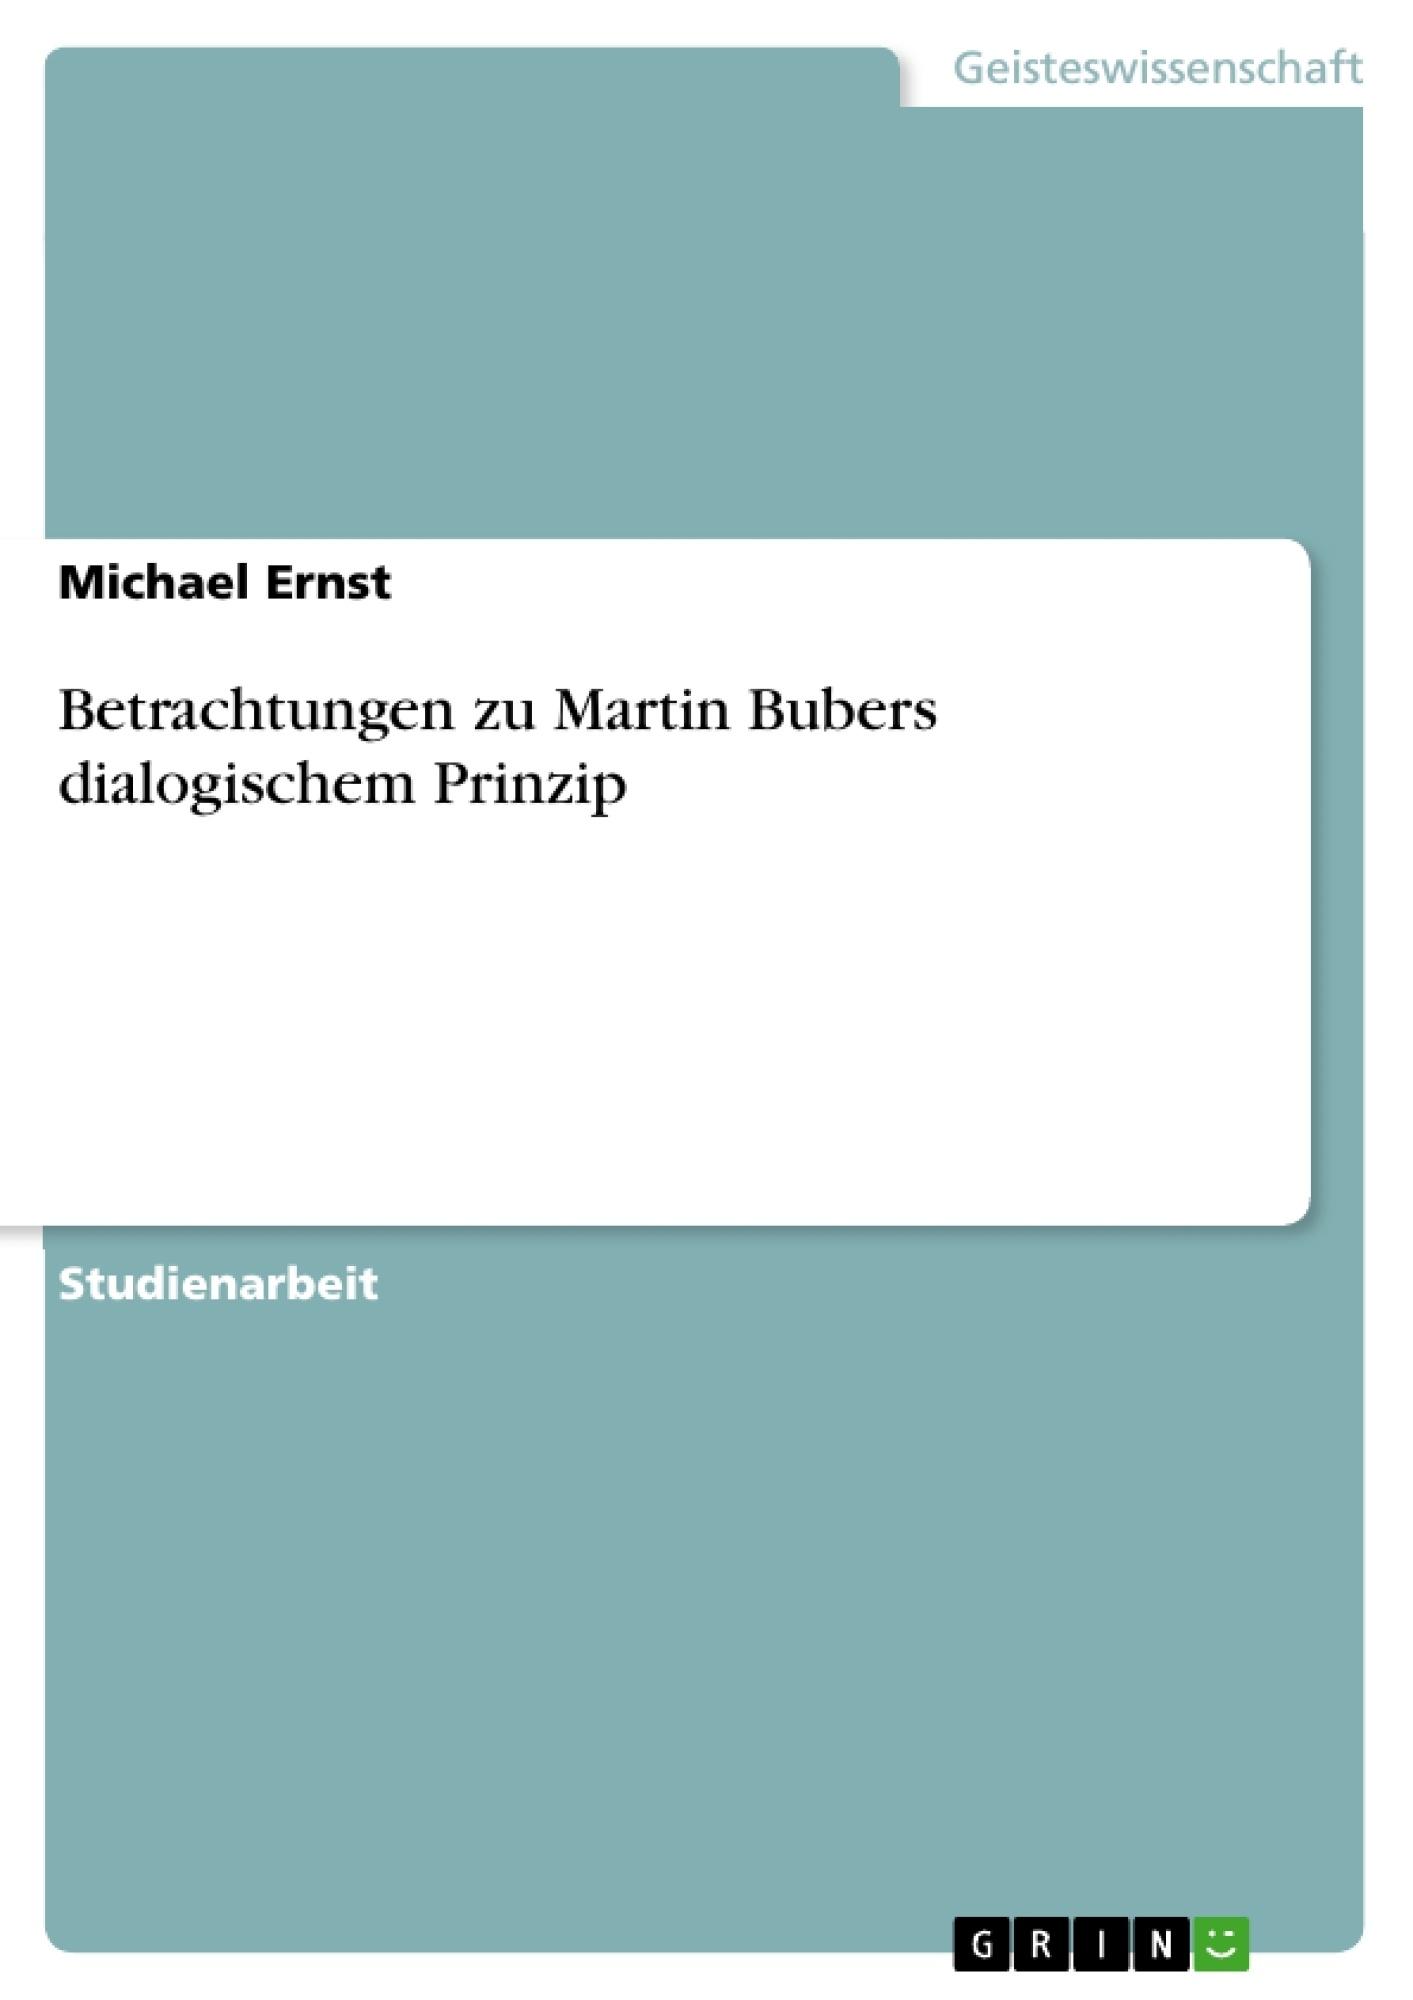 Titel: Betrachtungen zu Martin Bubers dialogischem Prinzip